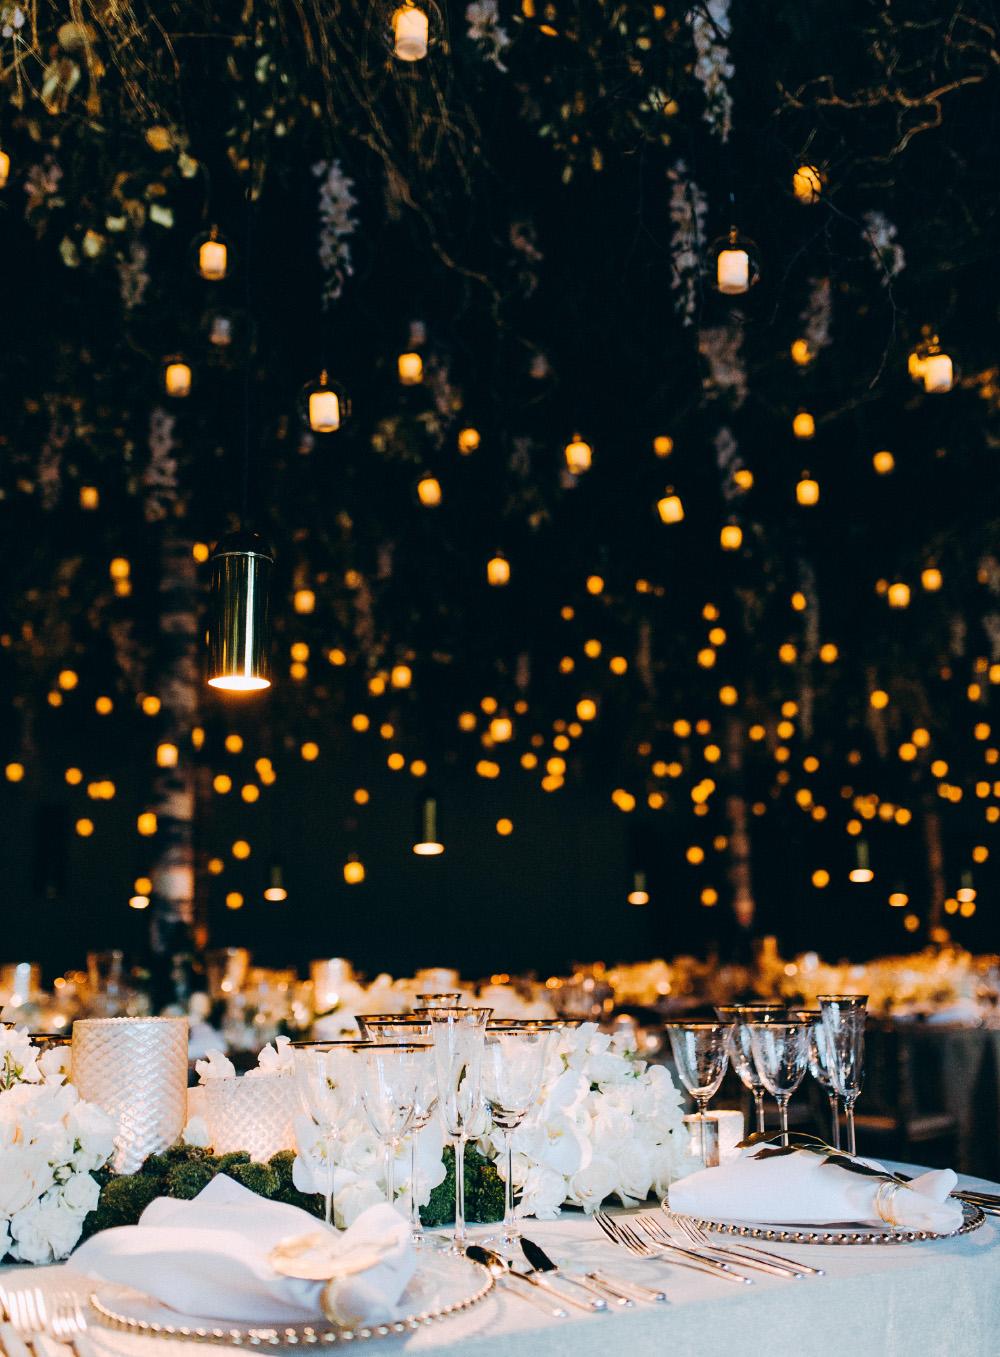 Floral Designer, Gstaad Wedding, The Alpina Gstaad, Forest wedding, Zermatt, Hochzeitsblumen, Hochzeitsdekoration, Zurich, Gruen, Weiss, Winterhochzeit, Dining under the stars, waldhochzeit, luxury reception, luxury wedding, moos, Hochzeitsdekoration, Hochzeitsfloristik, Hochzeitsblumen